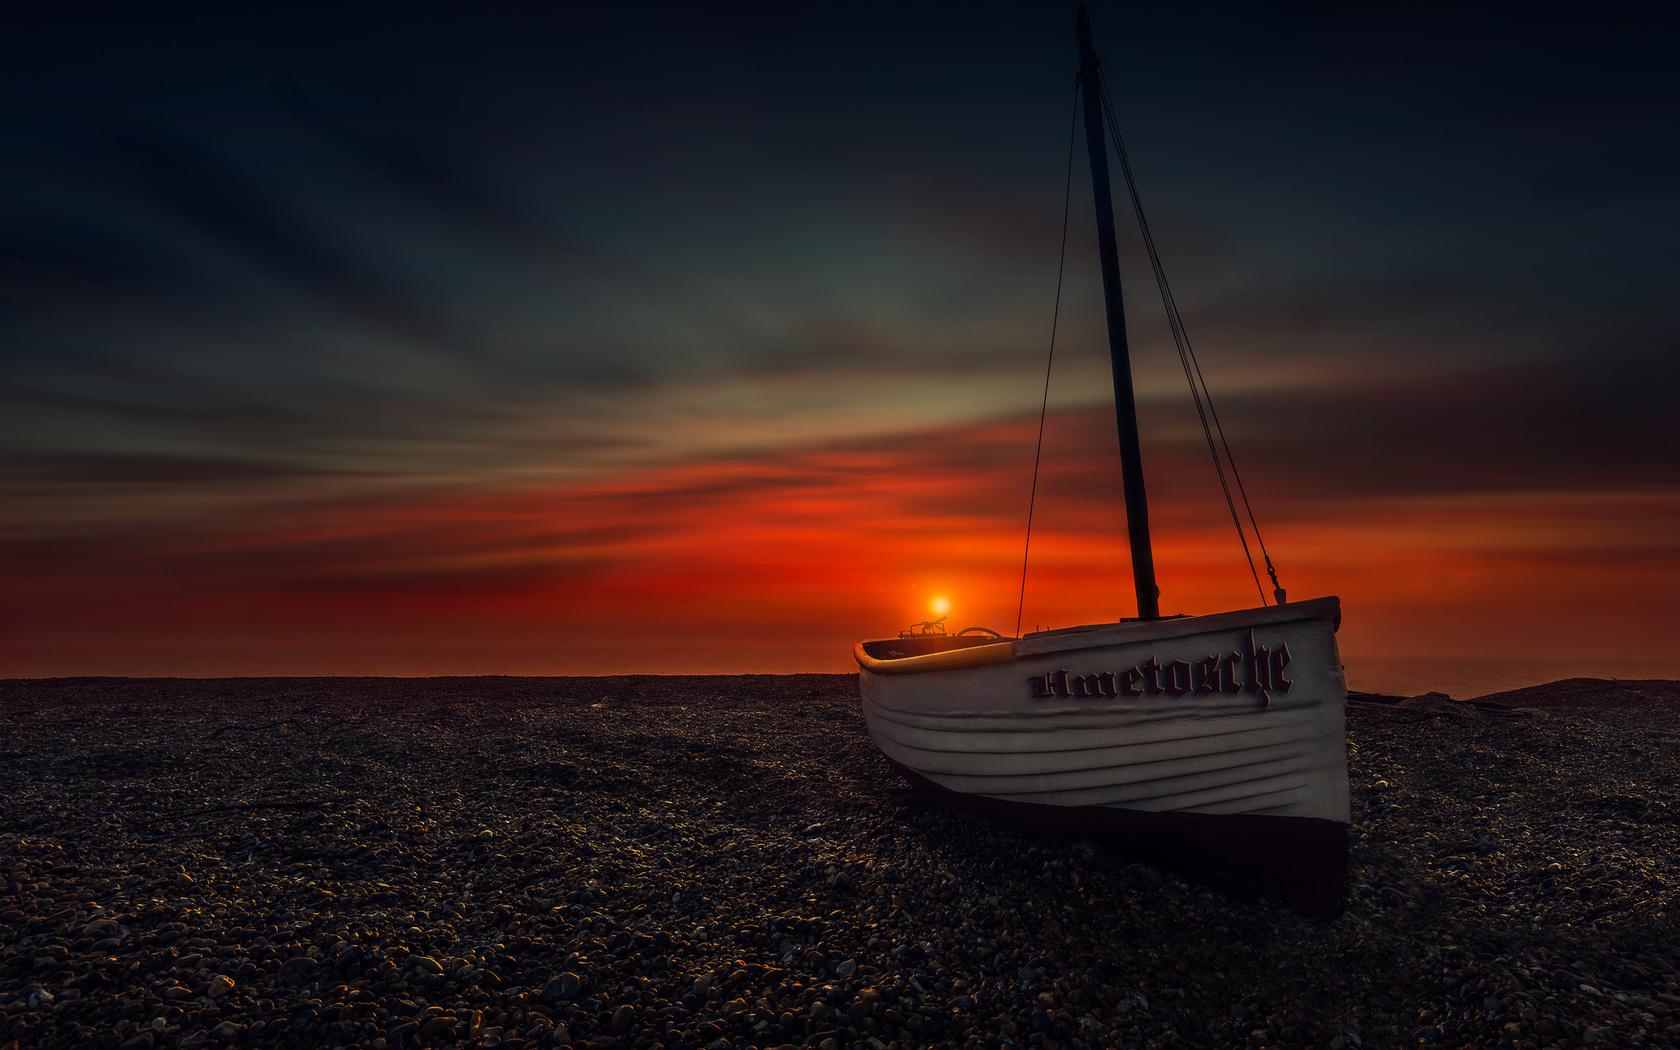 лодка, небо, облака, солнце, фотограф hmetosche